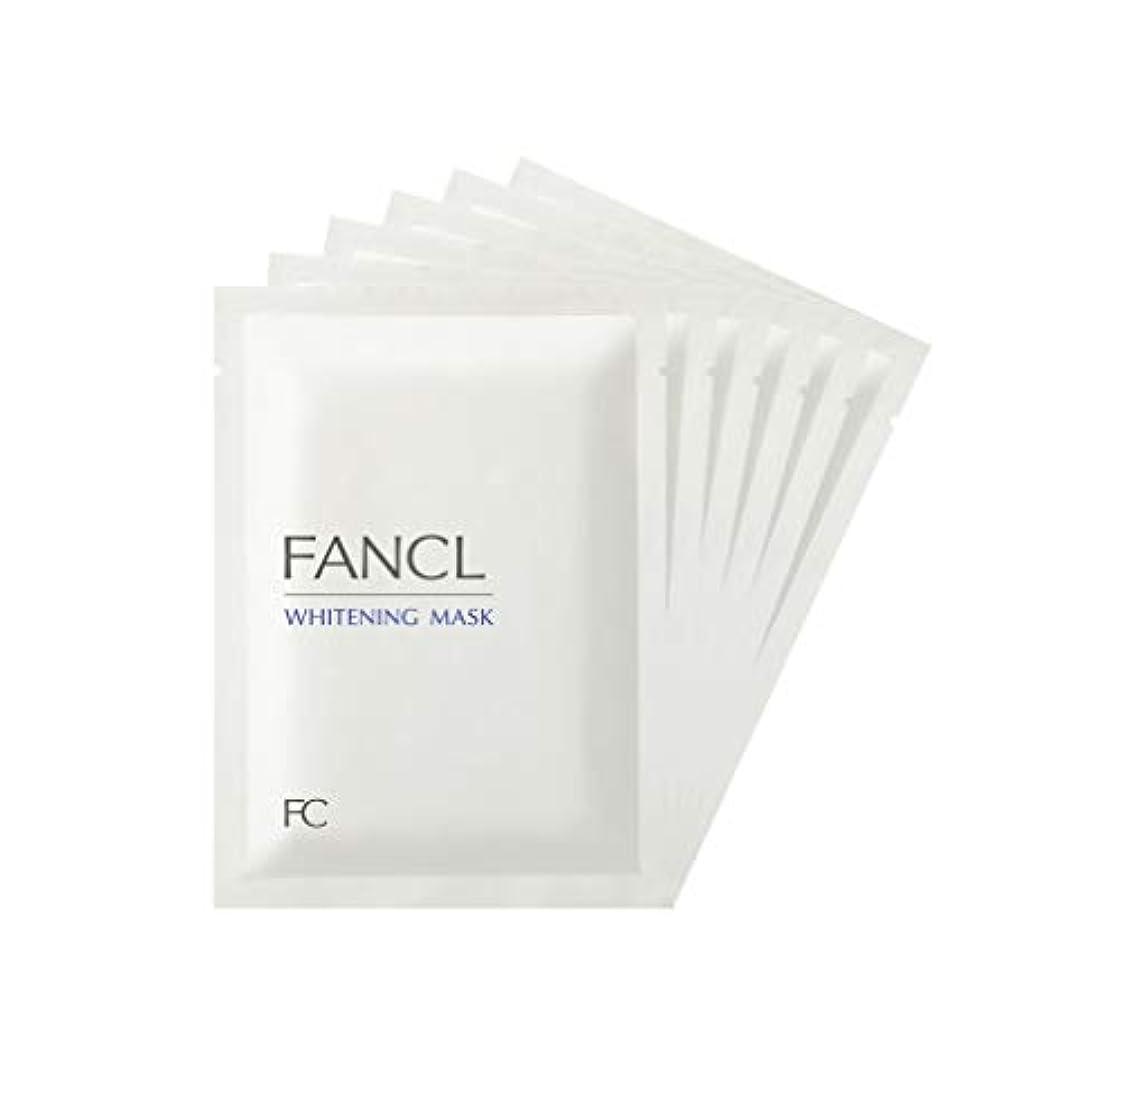 ピアーススノーケル占めるファンケル (FANCL) 新 ホワイトニング マスク 6枚セット (21mL×6) 【医薬部外品】